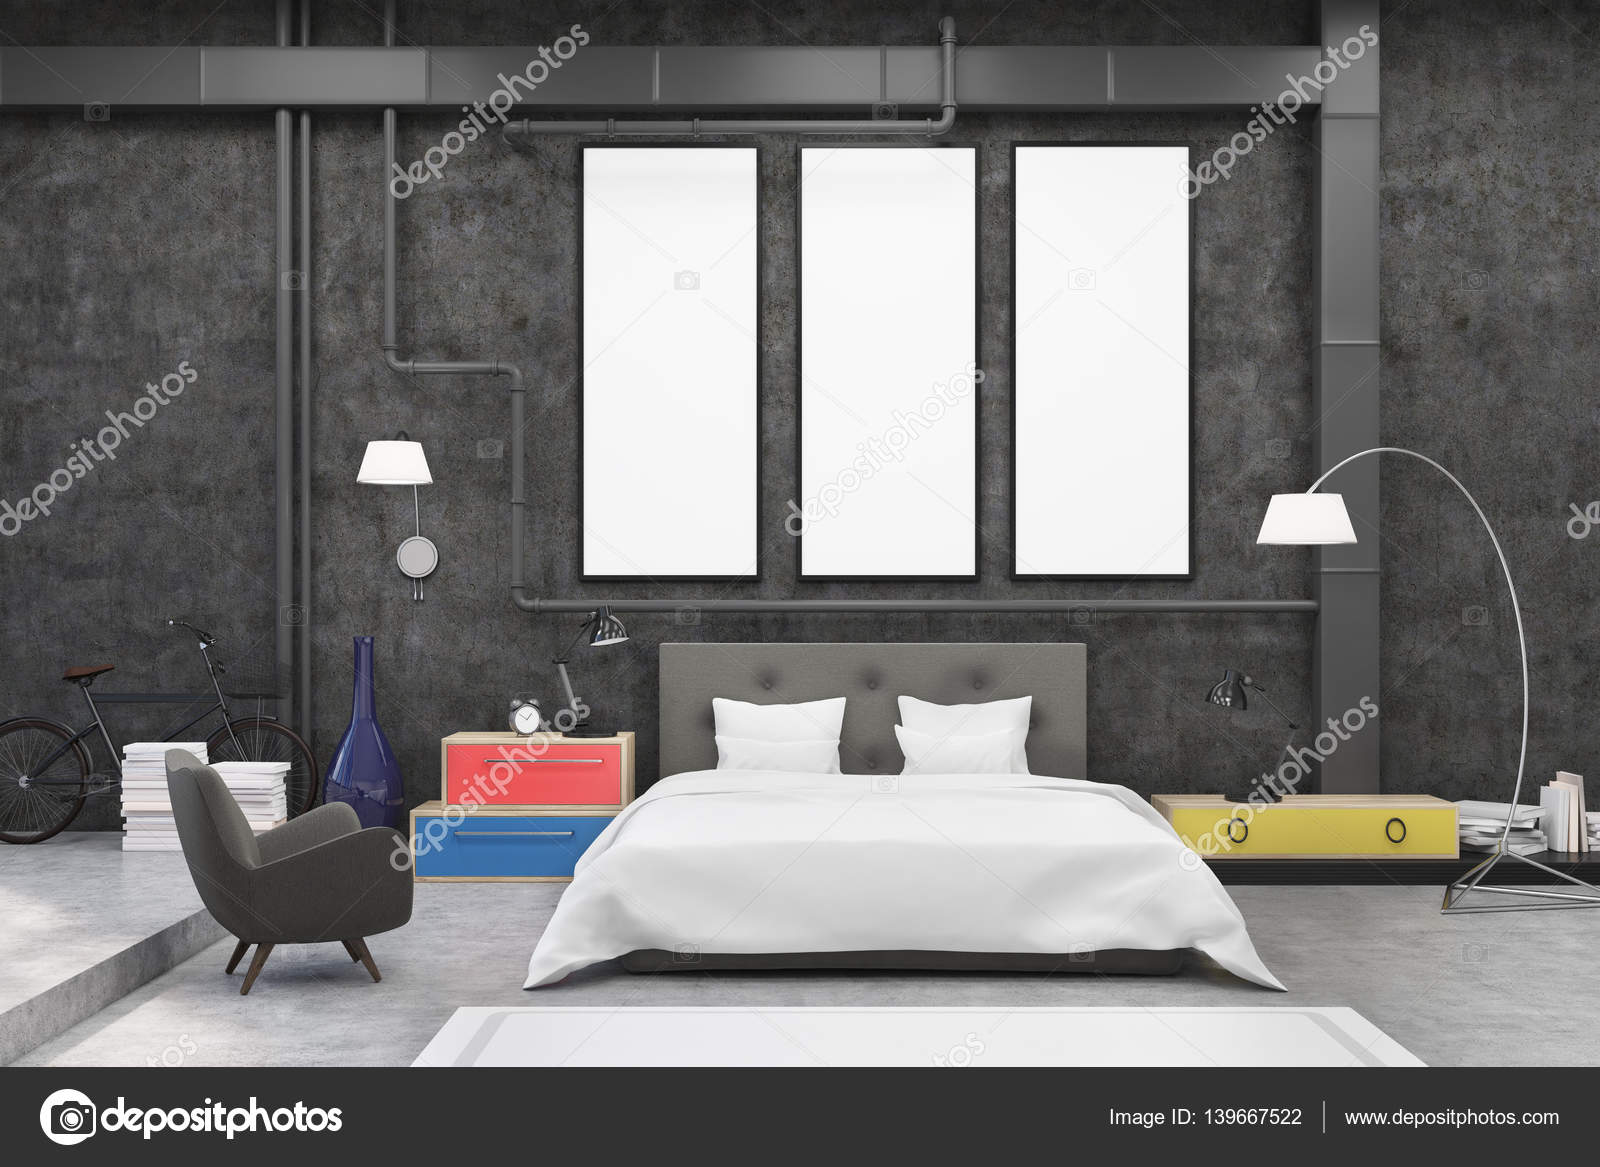 Slaapkamer Zwarte Muren : Slaapkamer interieur met zwarte muren en drie smalle verticale